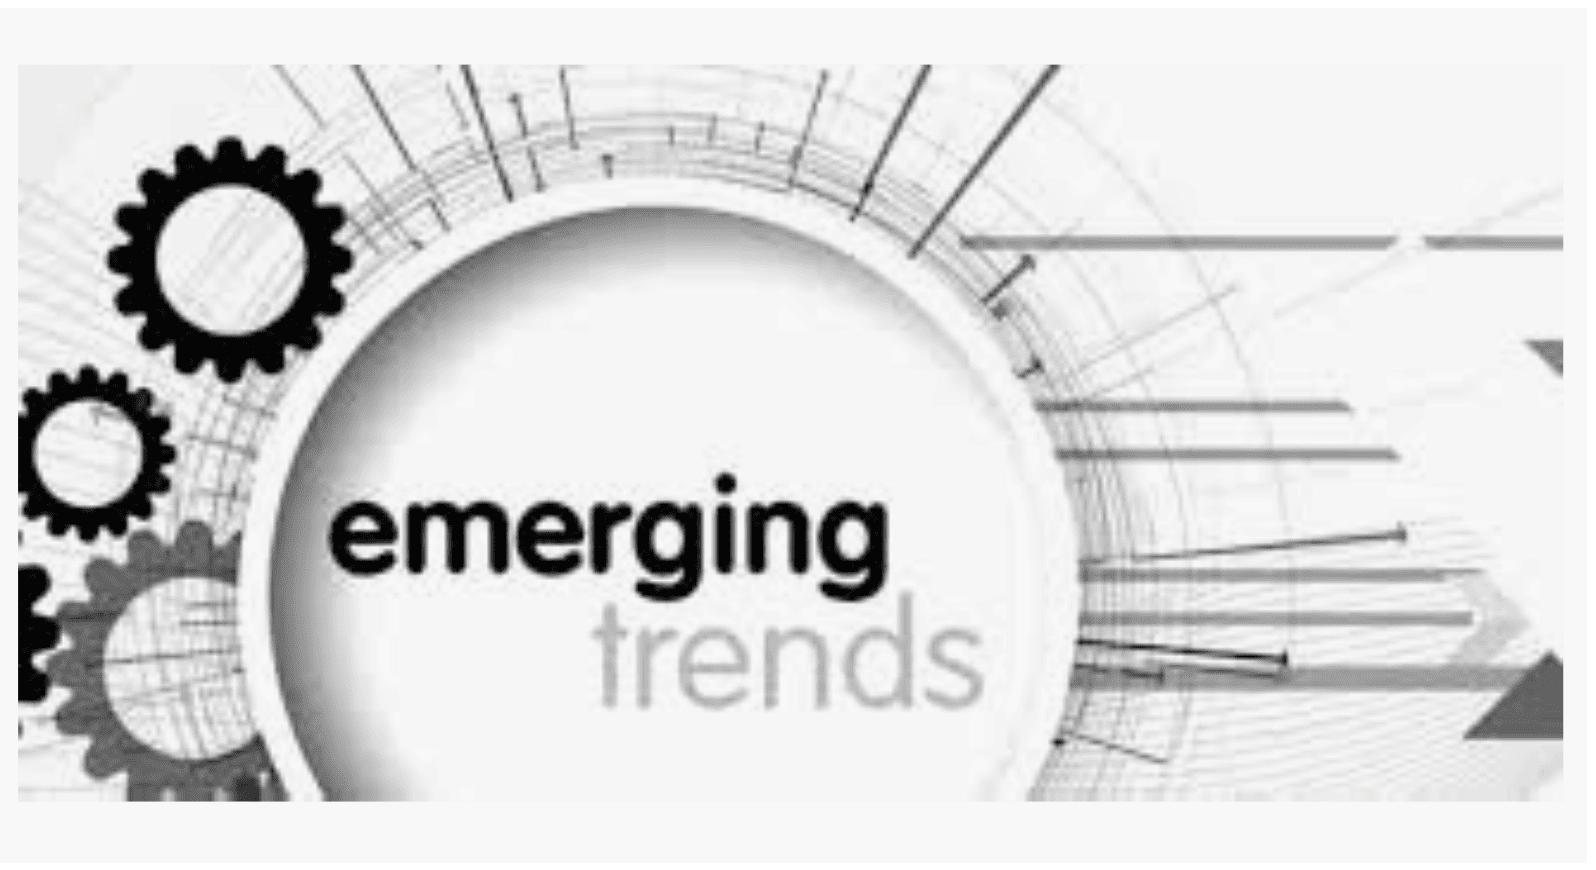 emerging-trends-2021-teckgenius